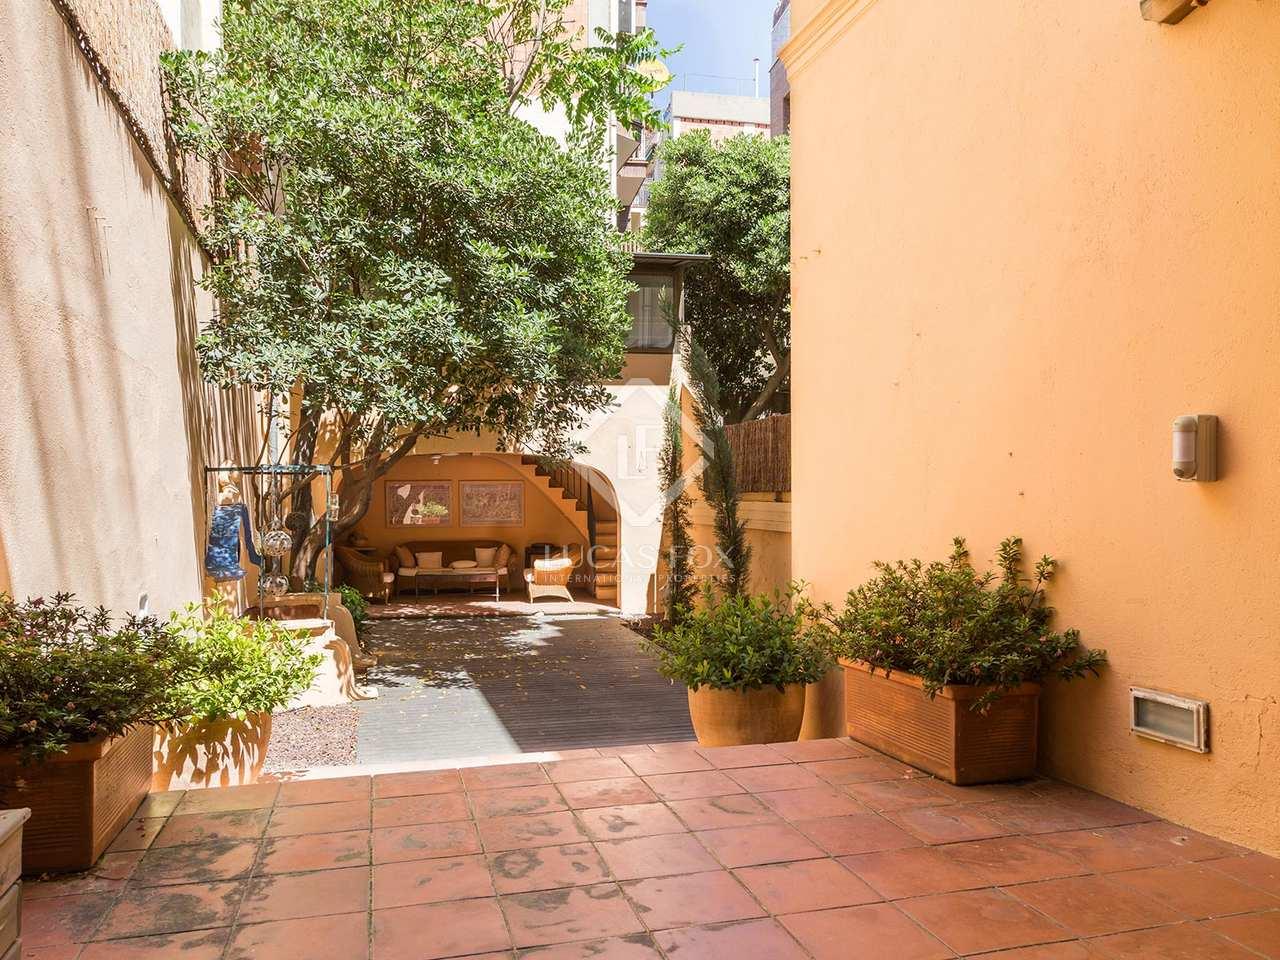 Casa con un jard n en alquiler en sarri en la zona alta for Alquiler casa con jardin barcelona